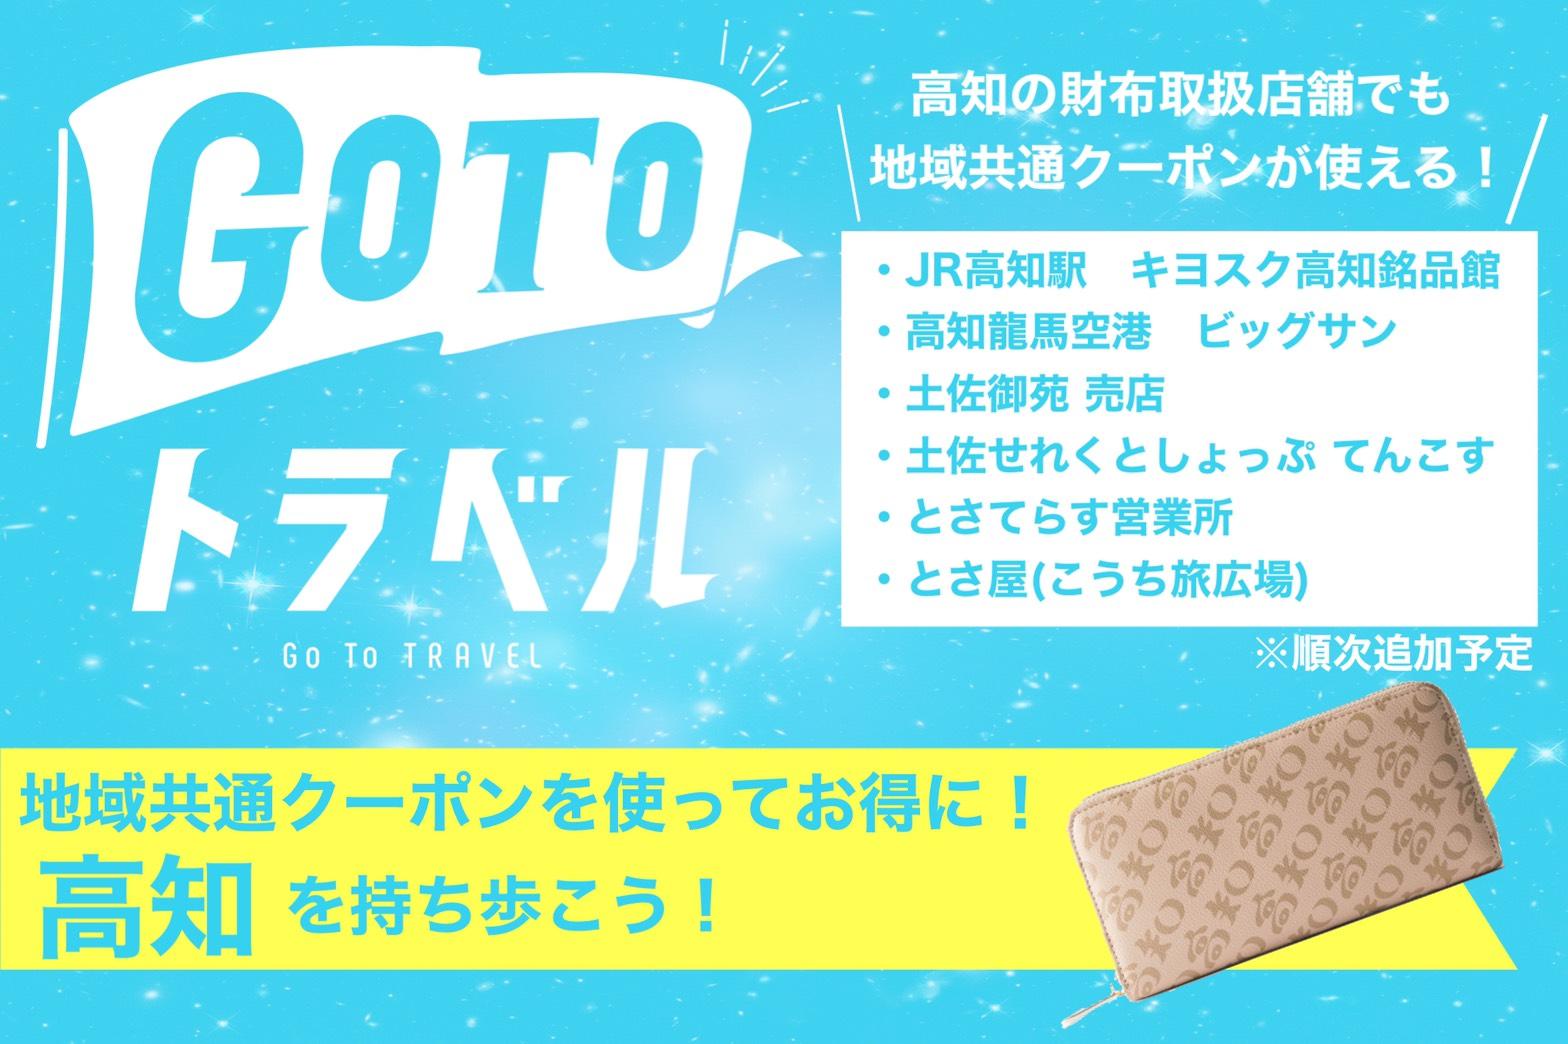 GoTo 地域共通クーポン♪